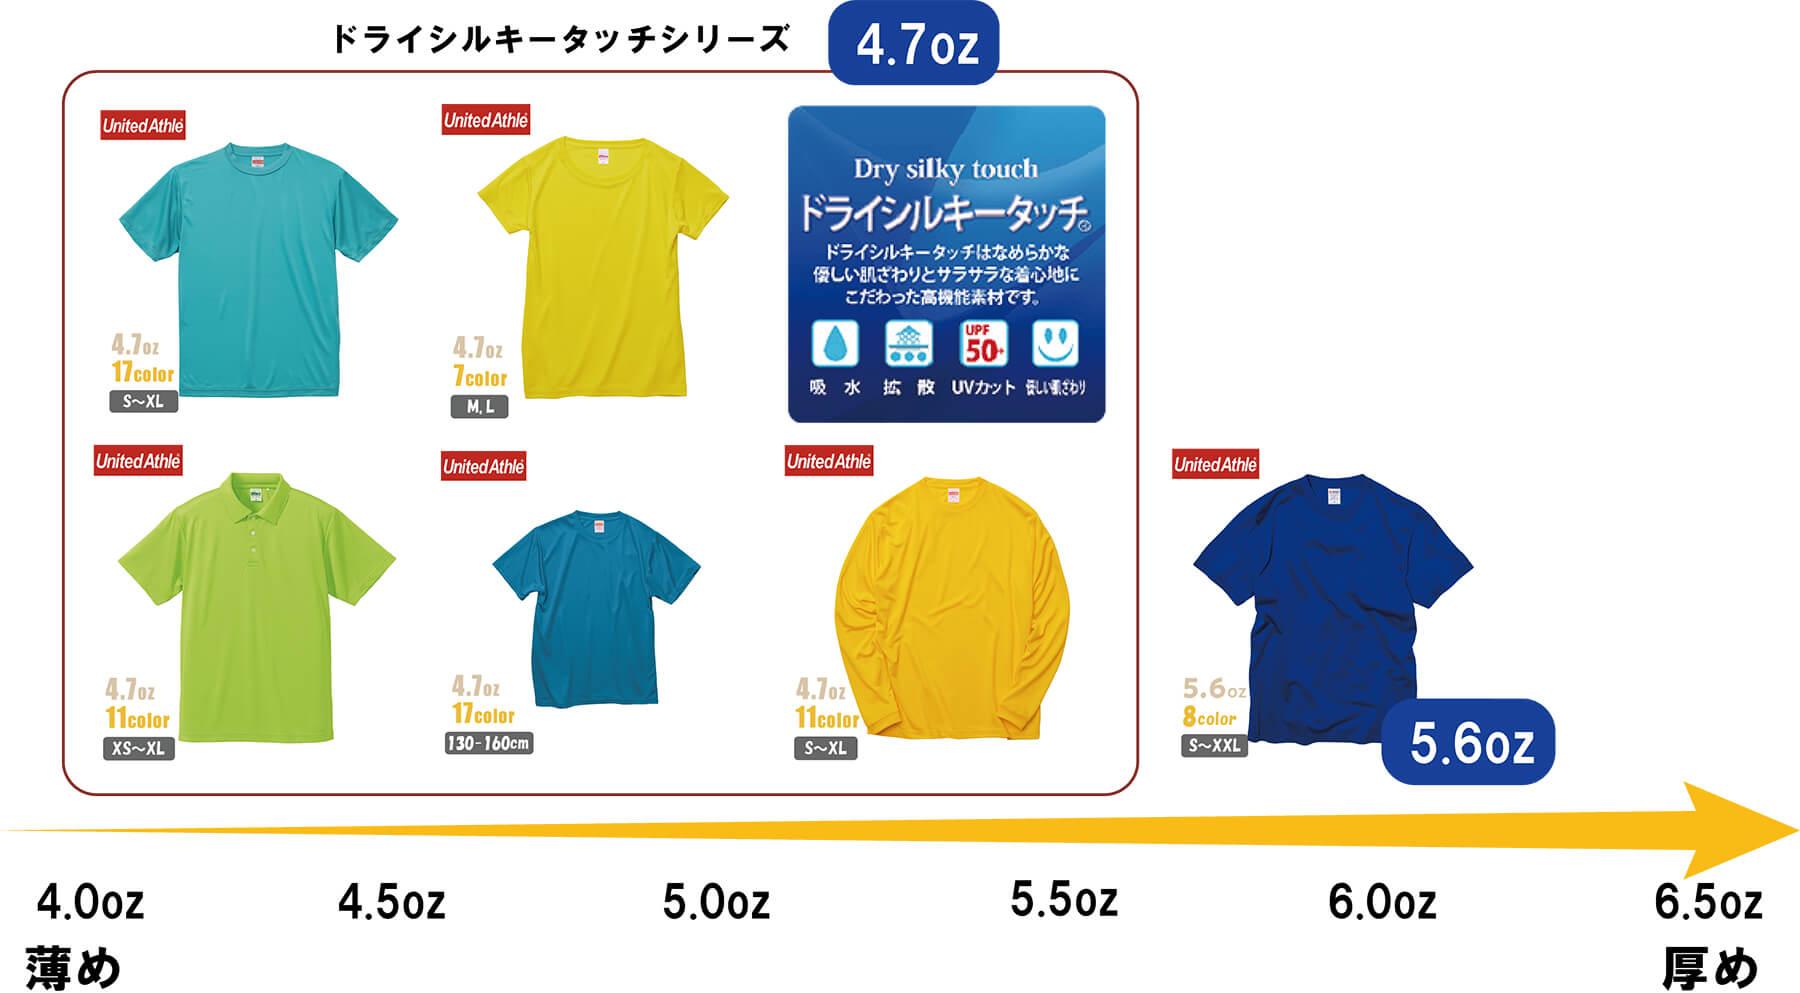 オリジナルドライスポーツTシャツのオンス別ポジショニング